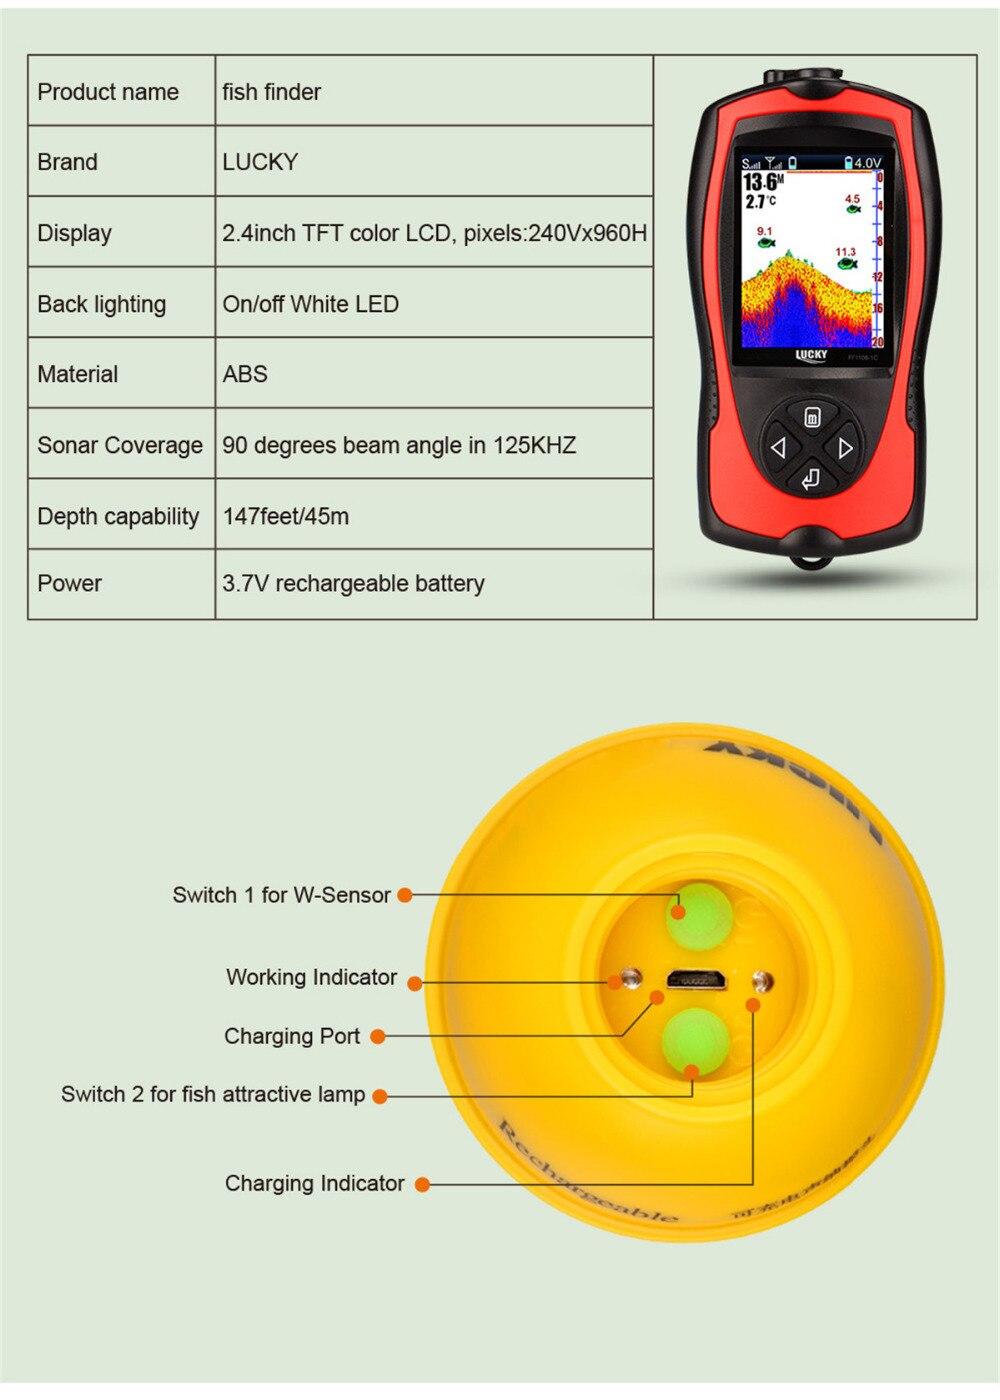 2019 nouveau FF1108-1CWLA chanceux sans fil Sonar détecteur de poisson transducteur glace/océan/bateau détecteur de poisson alarme détecteur de poisson Sonar capteur poisson - 3